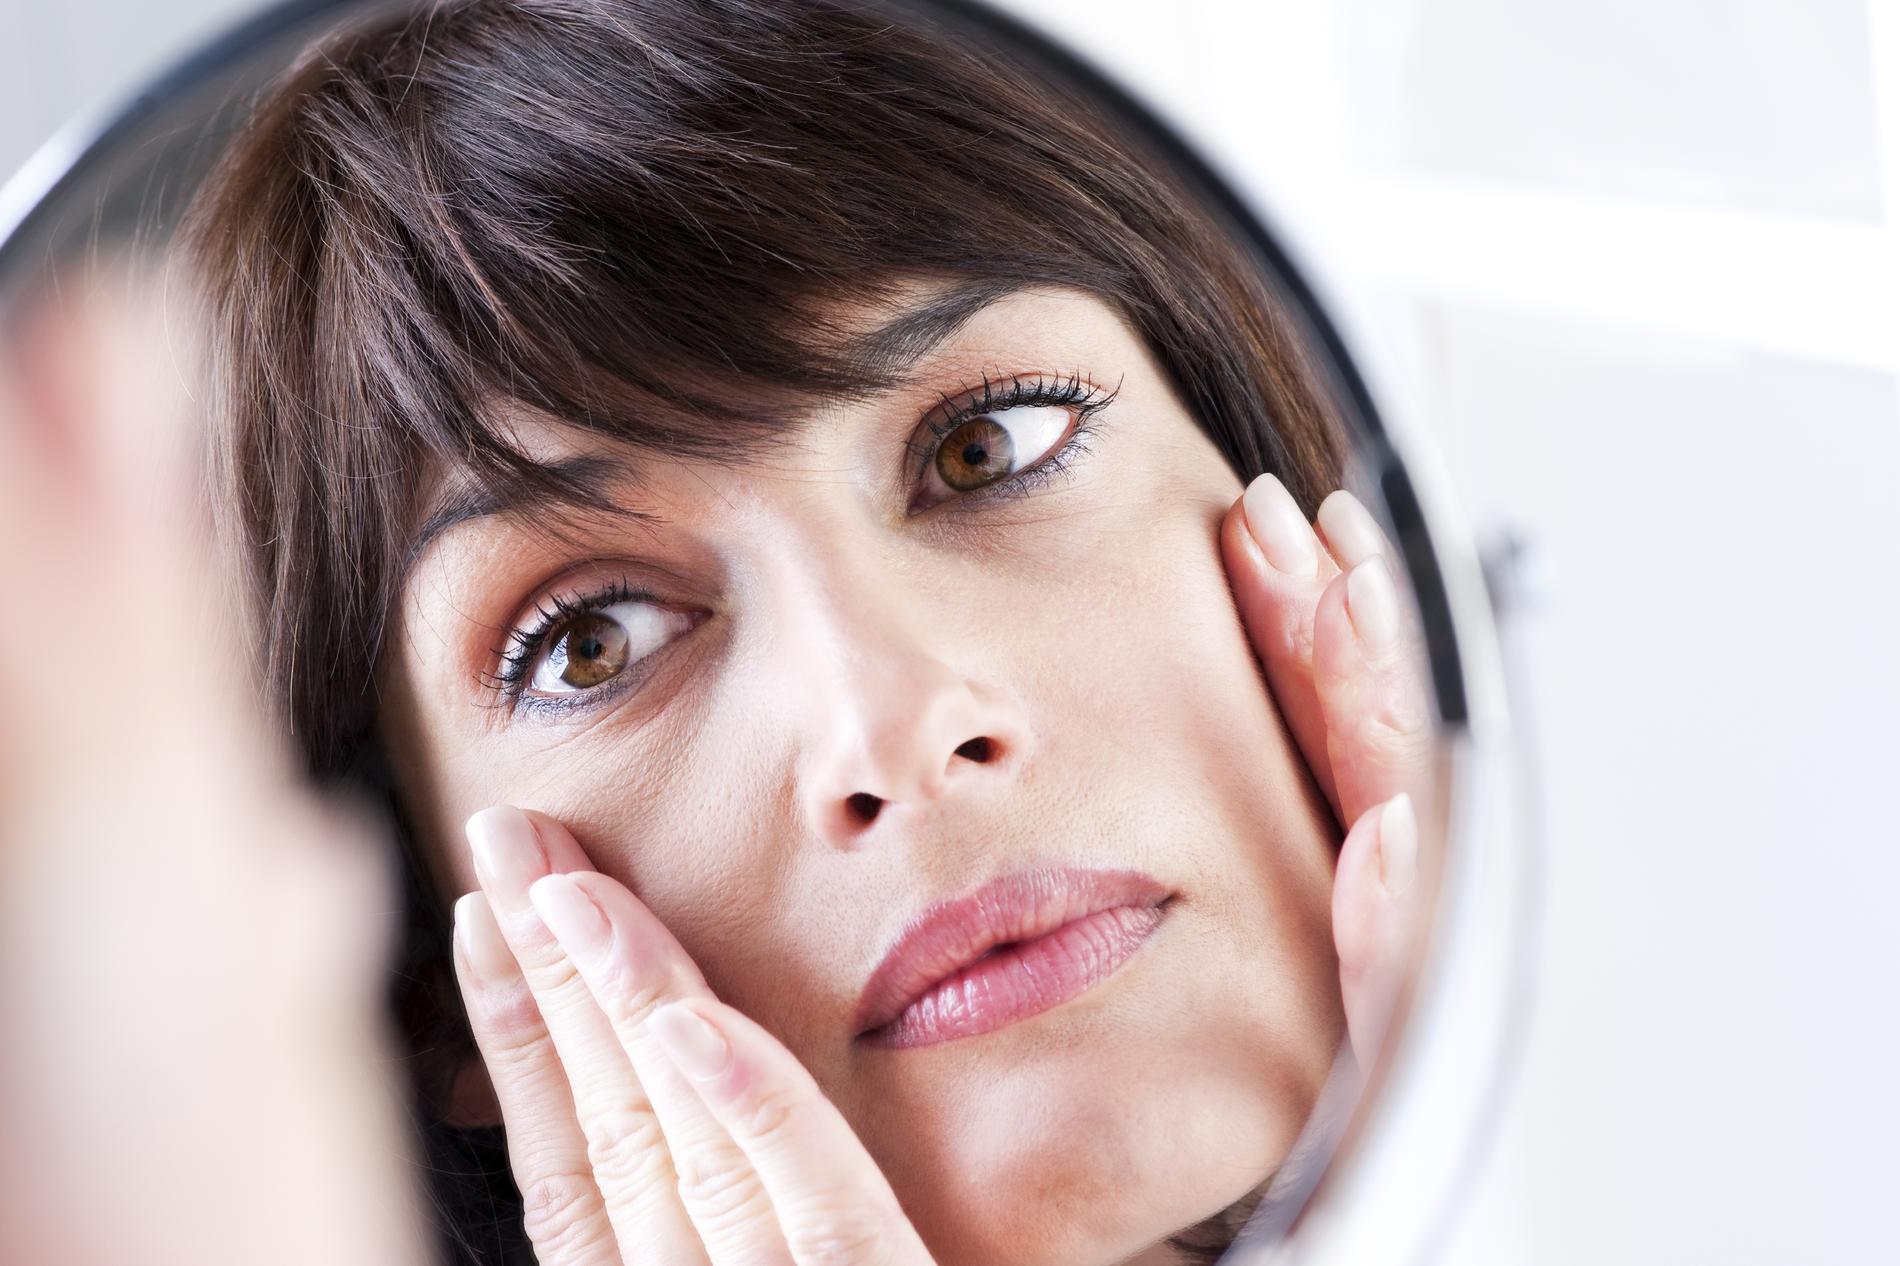 comment lutter contre les rides du visage